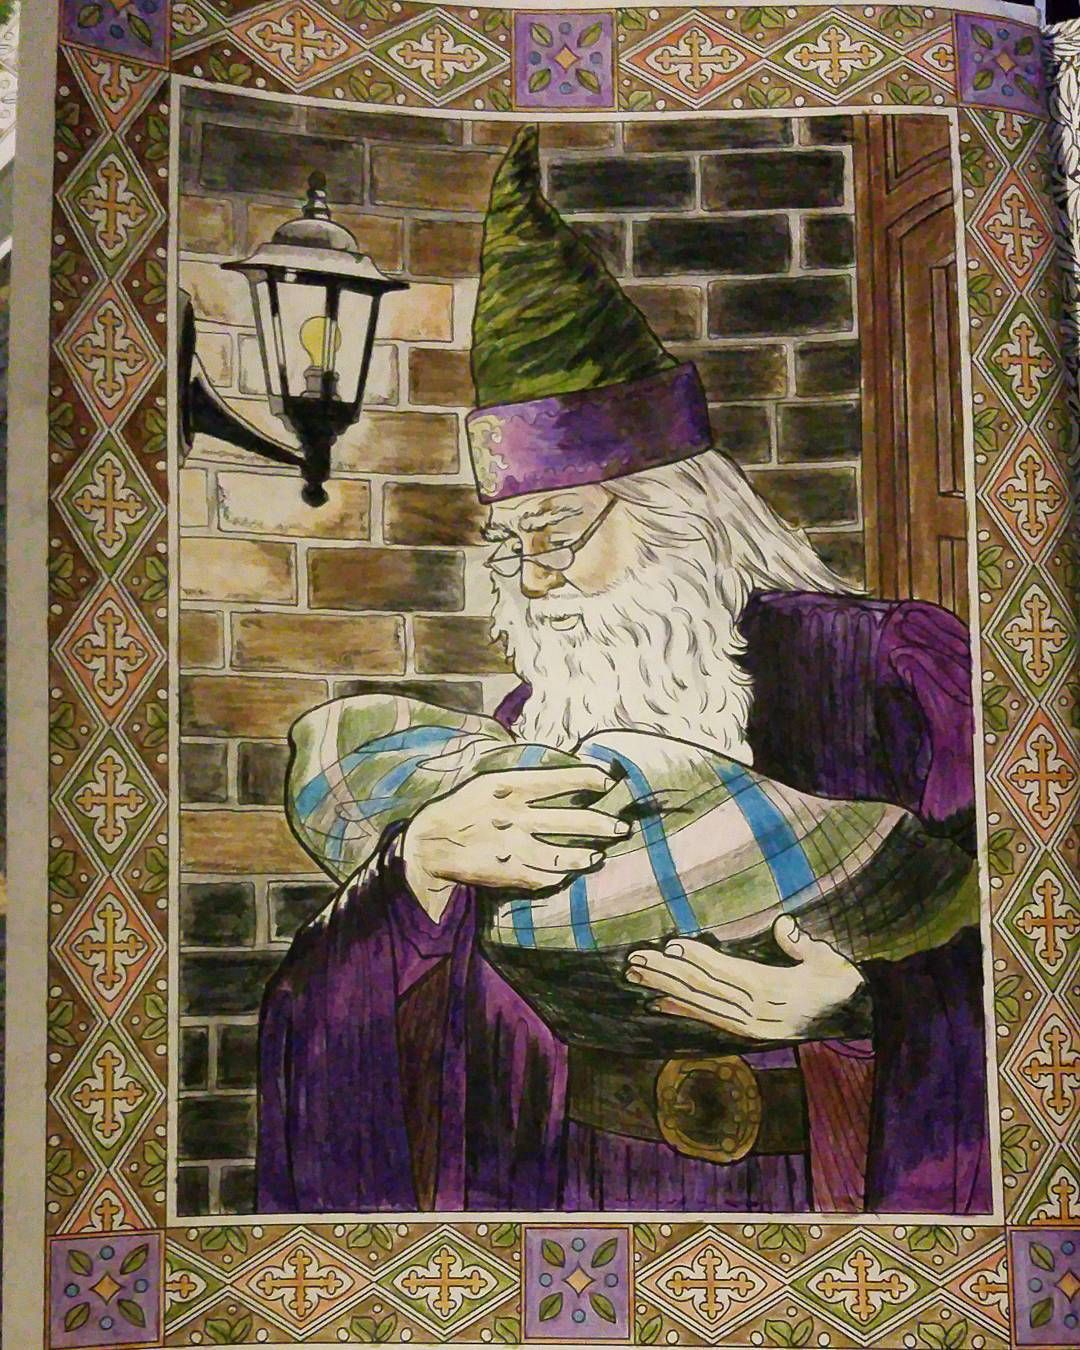 Pin by irina on harry potter | Pinterest | Harry potter, Harry ...